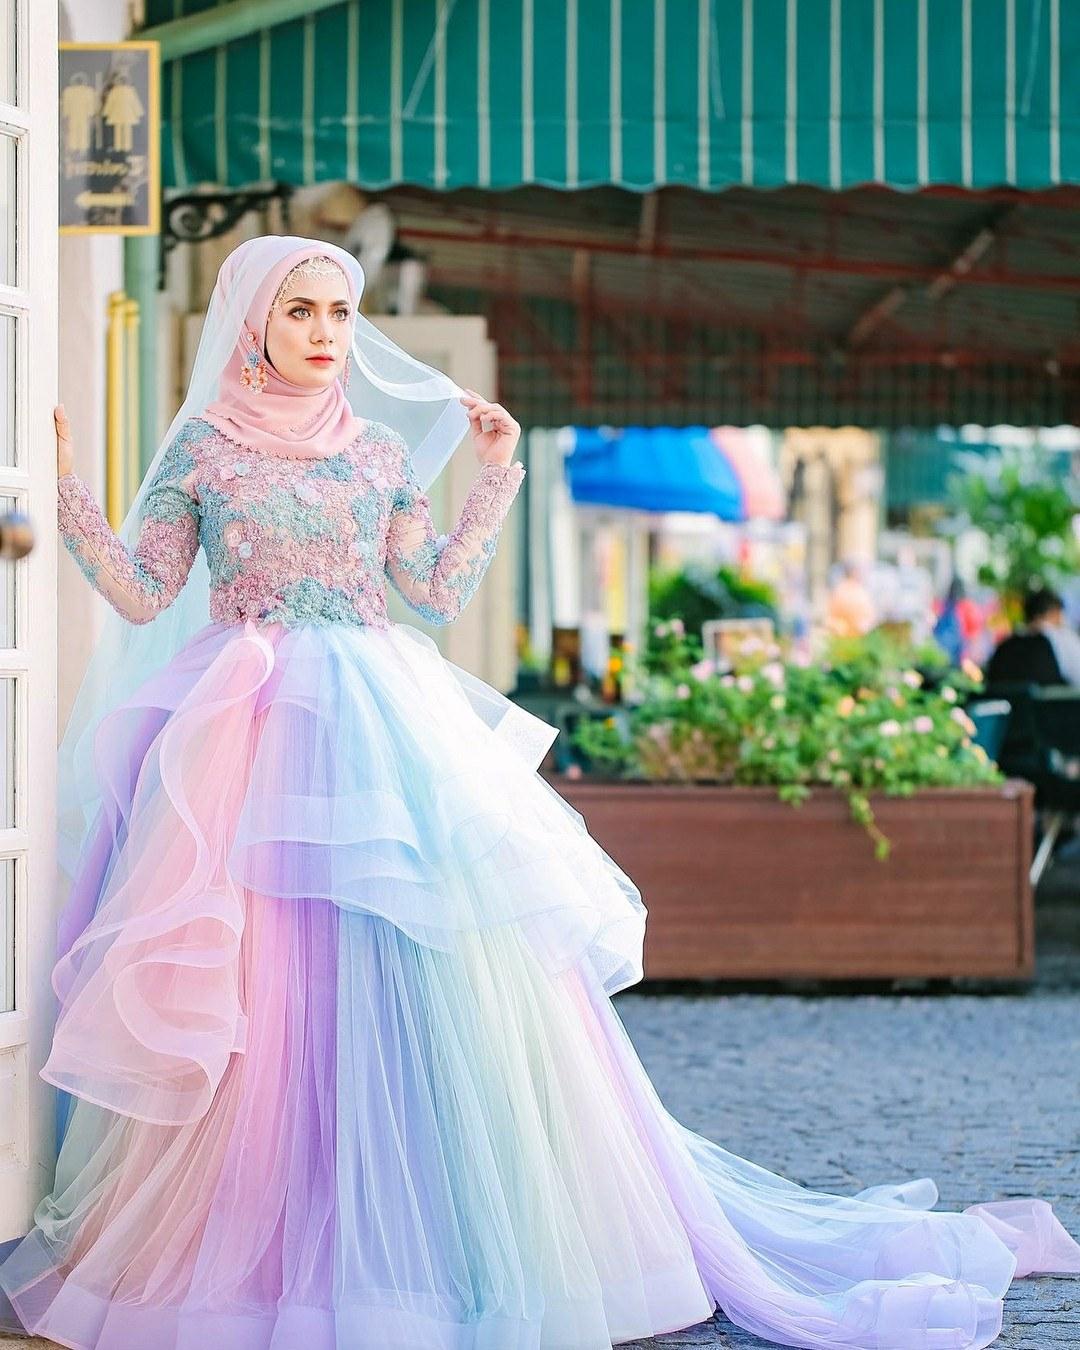 Ide Gaun Pengantin Muslimah Malaysia S5d8 34 Inspirasi Terpopuler Gaun Pengantin Malaysia